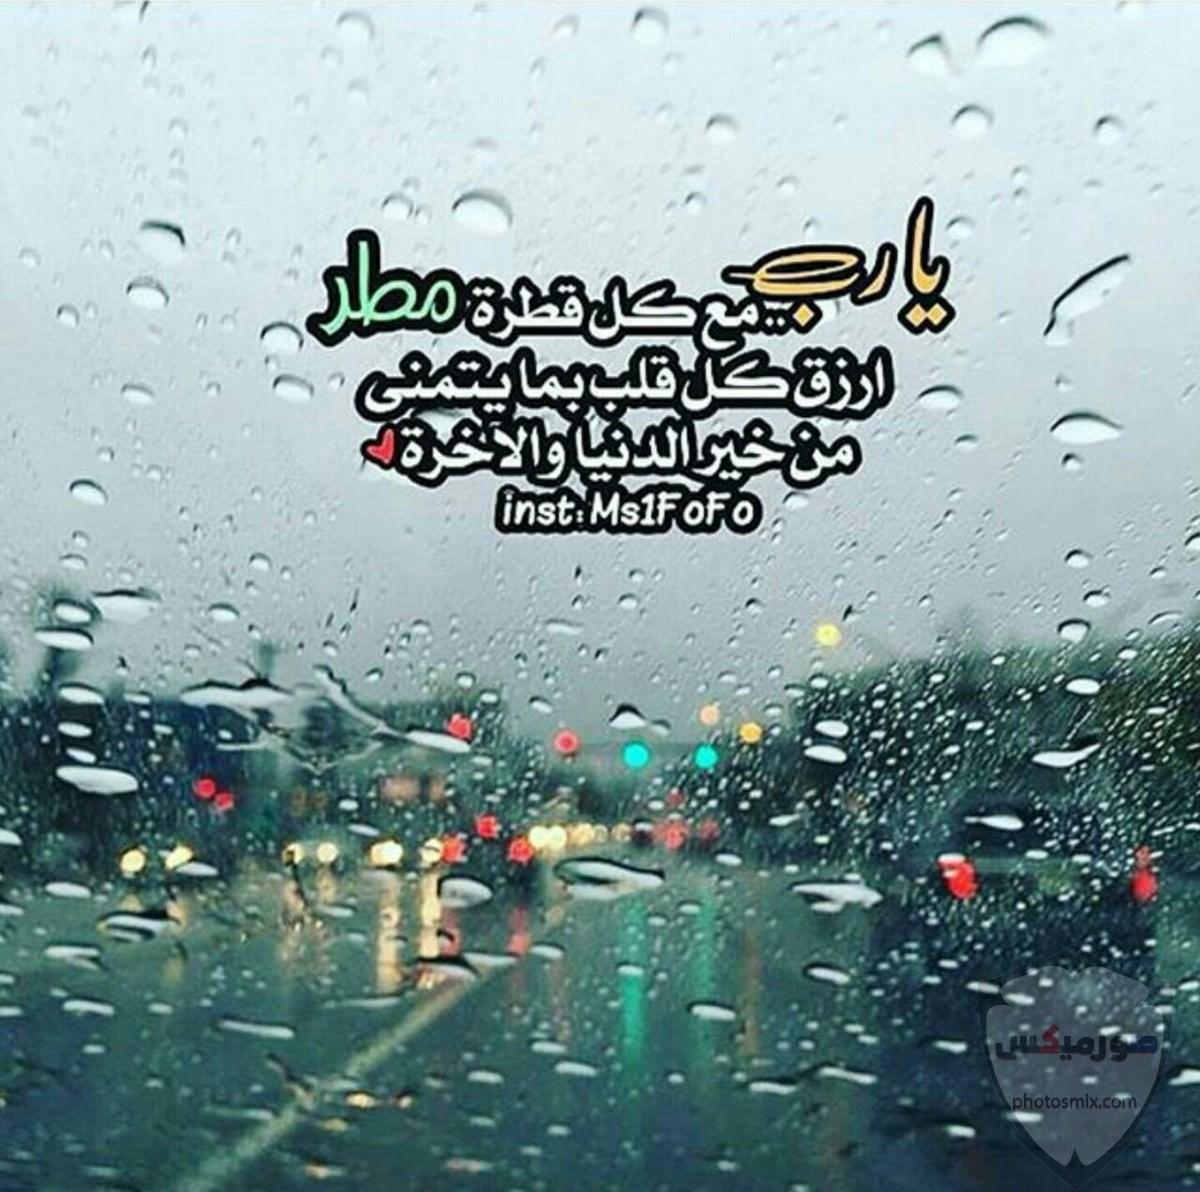 صور مطر 2020 اجمل الصور والعبارات عن المطر 6 1